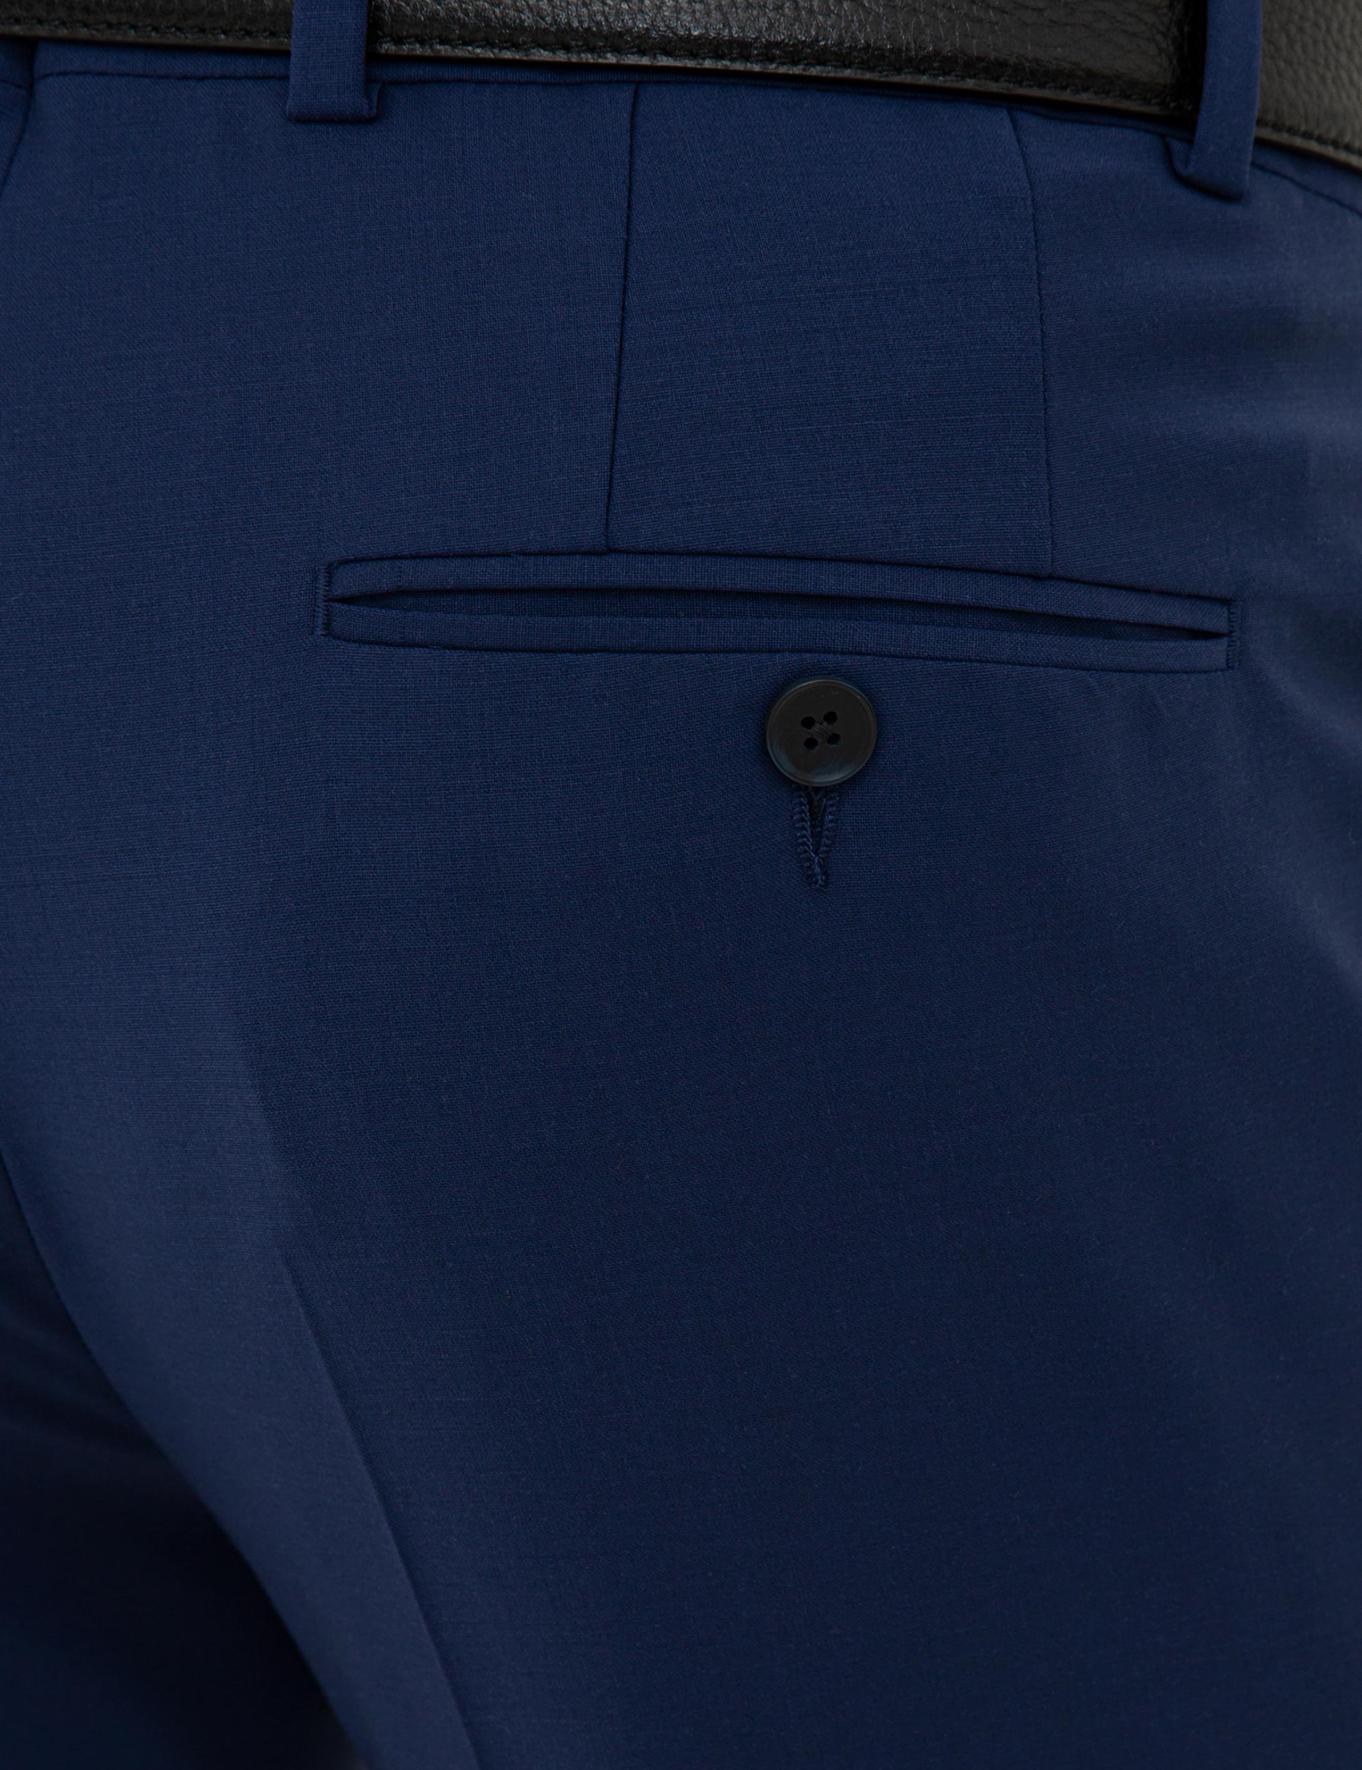 Lacivert Slim Fit Pantolon - 50235696027